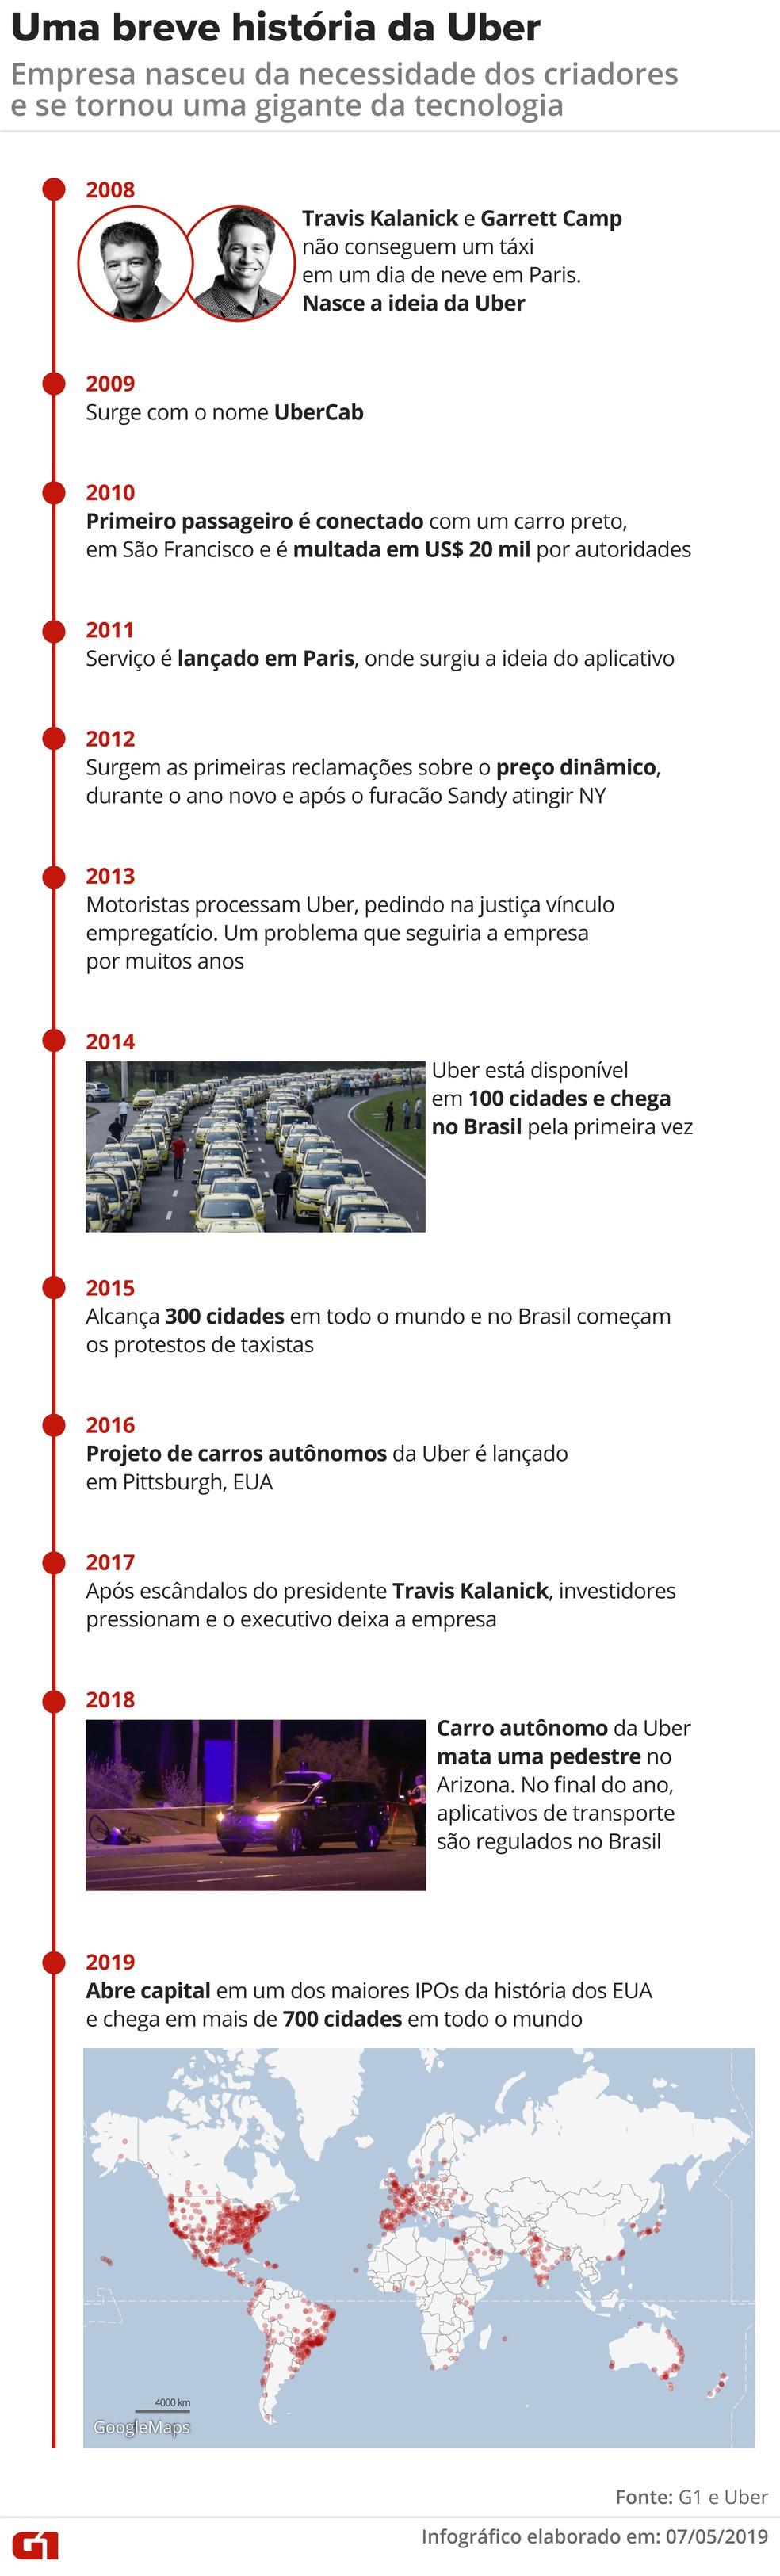 História da Uber — Foto: G1